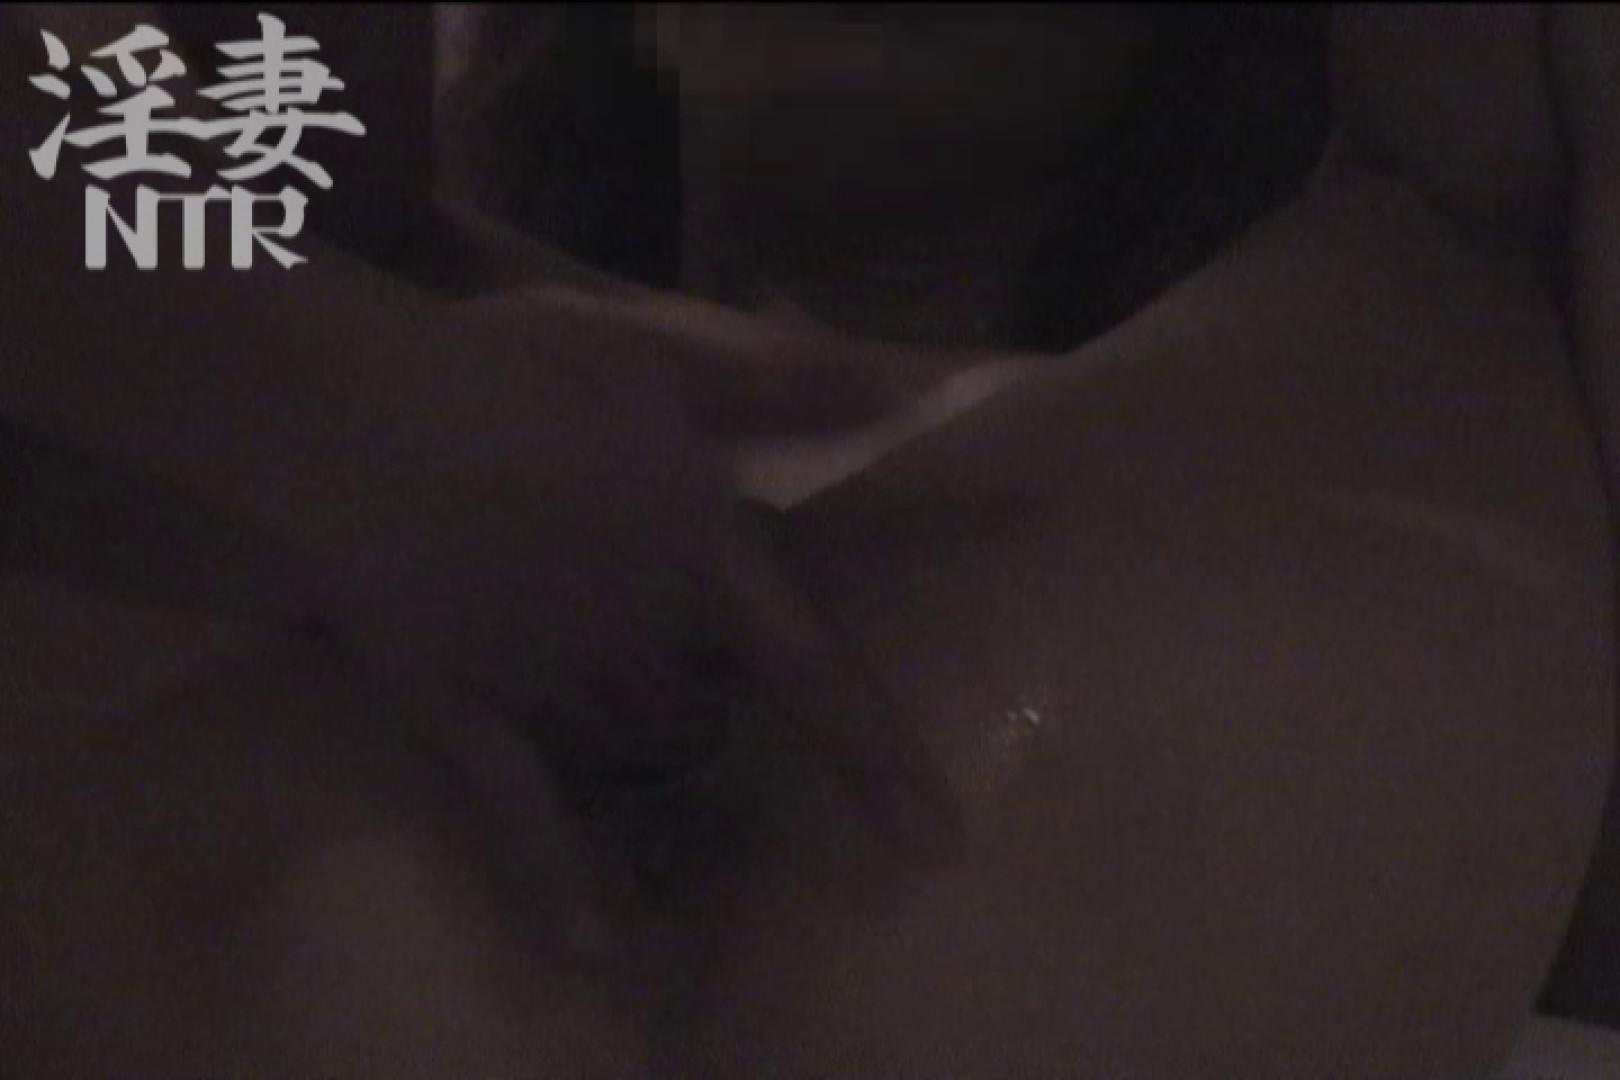 淫乱彩女 麻優里 彼氏2人と旦那の同僚と 淫乱 セックス画像 84PIX 72